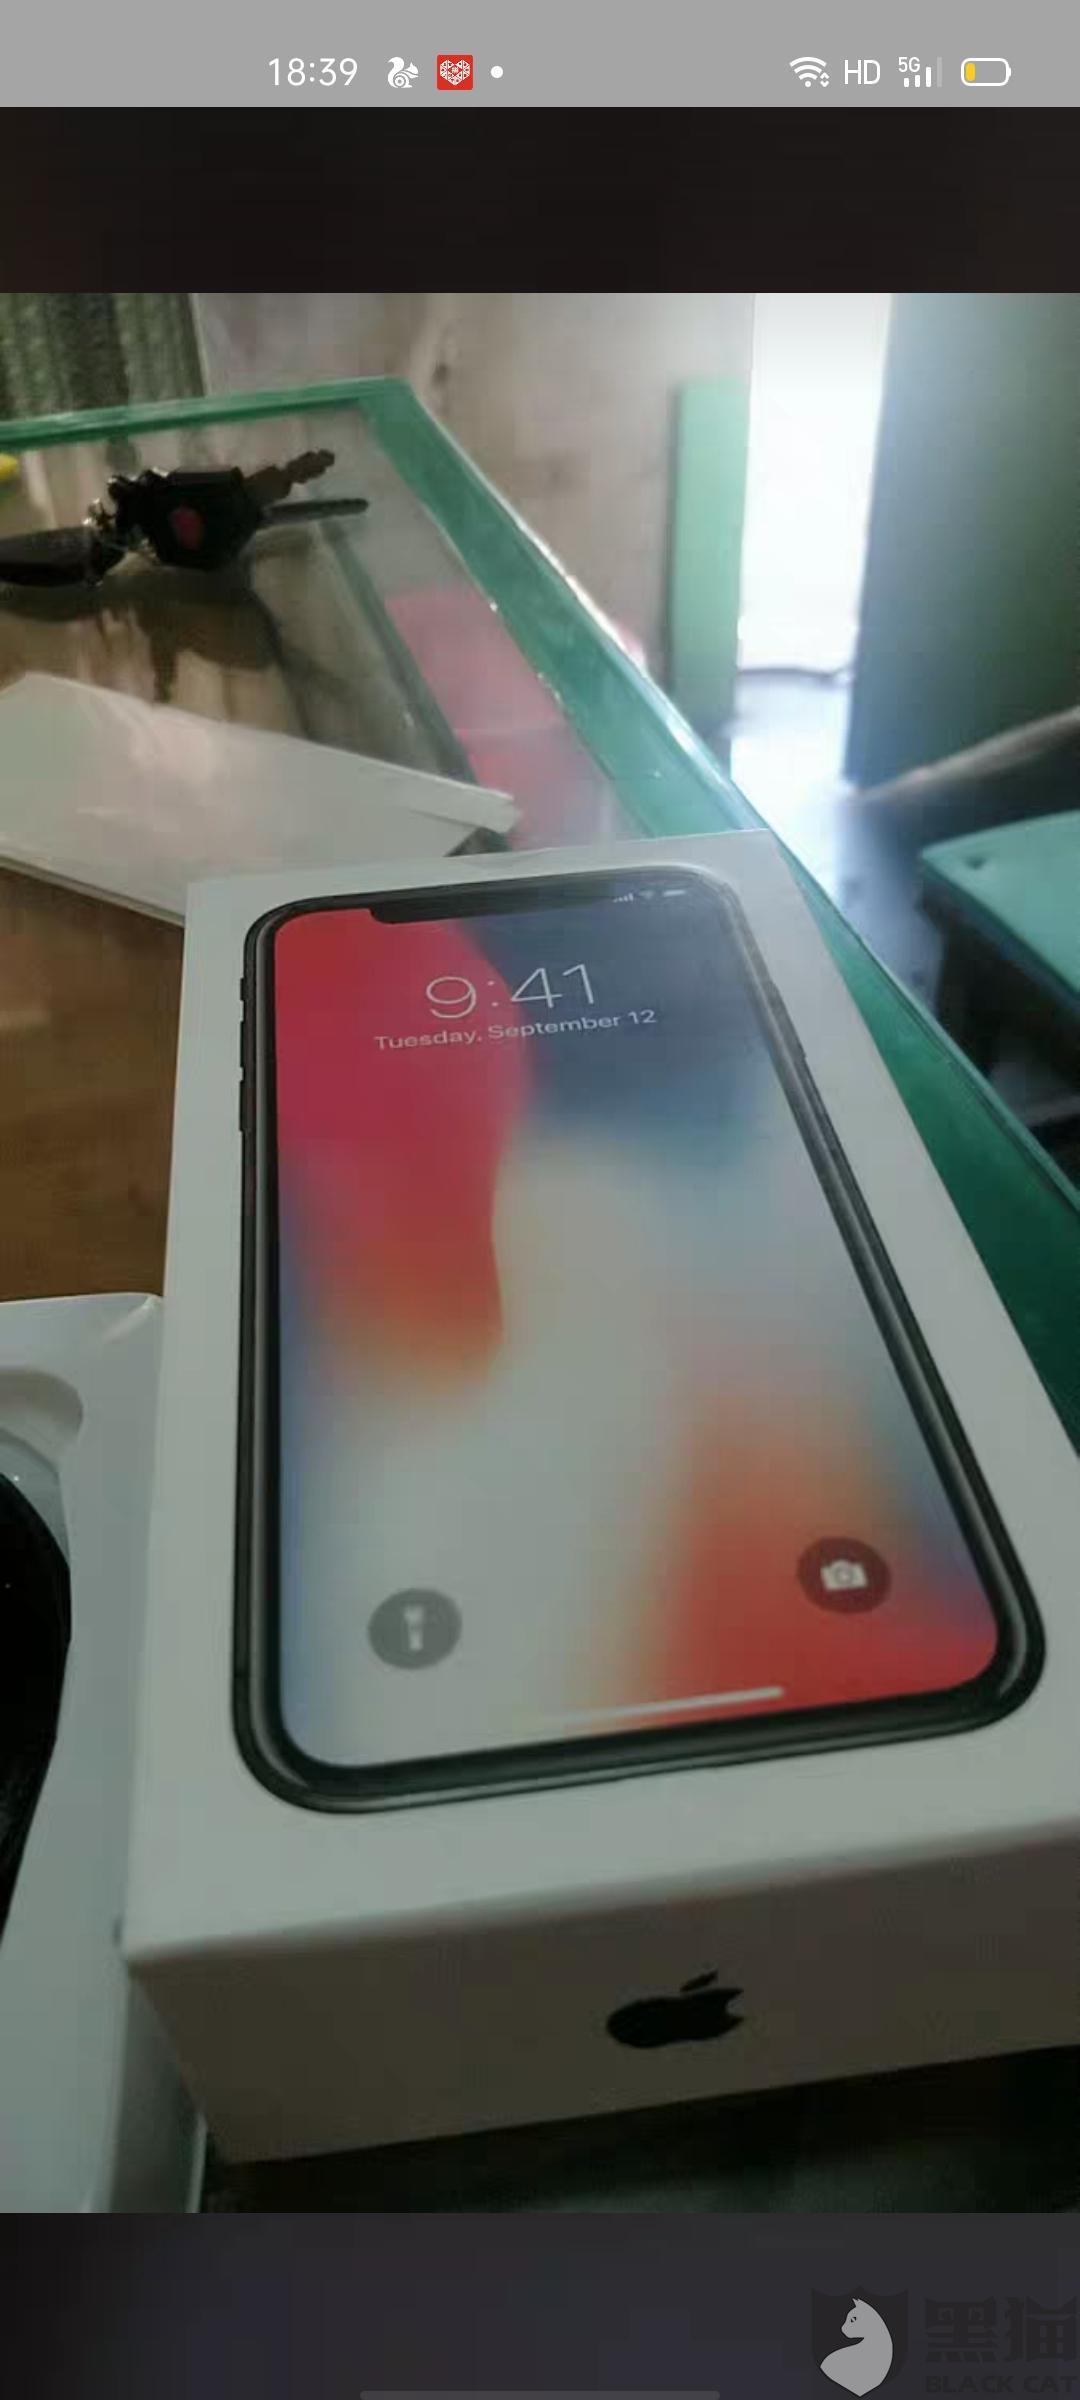 黑猫投诉:淘宝商家(TB丑小鸭)卖假苹果手机,联系不到,淘宝客服处理不了